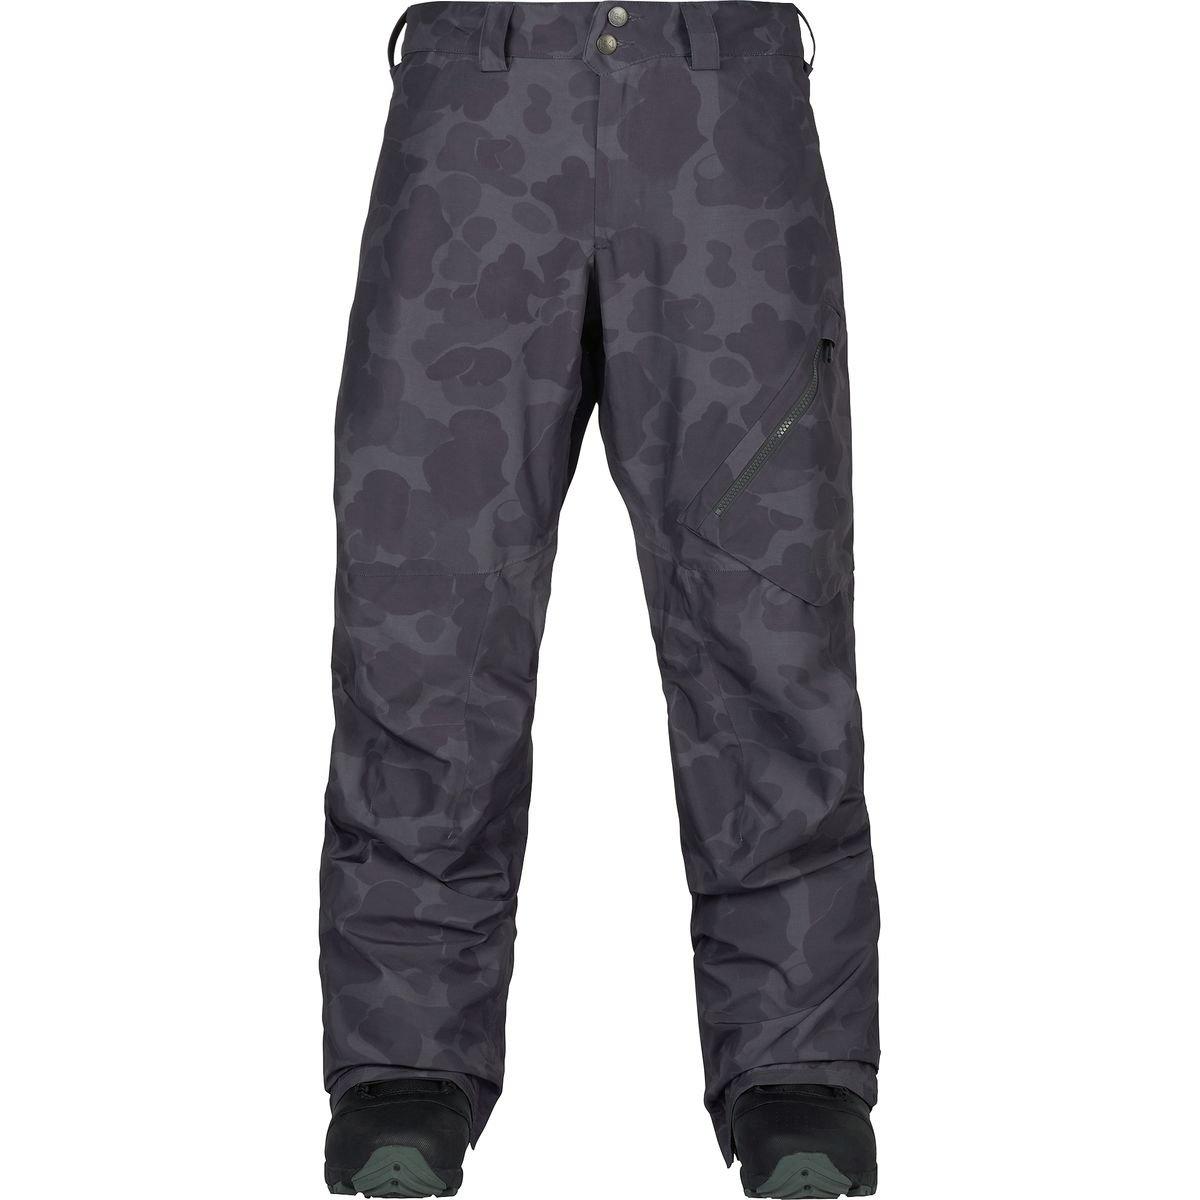 (バートン) Burton AK 2L Cyclic Gore-Tex Pant メンズ ズボンFaded Kodiak Camo [並行輸入品] B07874GBK1 日本サイズ L (US M)|Faded Kodiak Camo Faded Kodiak Camo 日本サイズ L (US M)